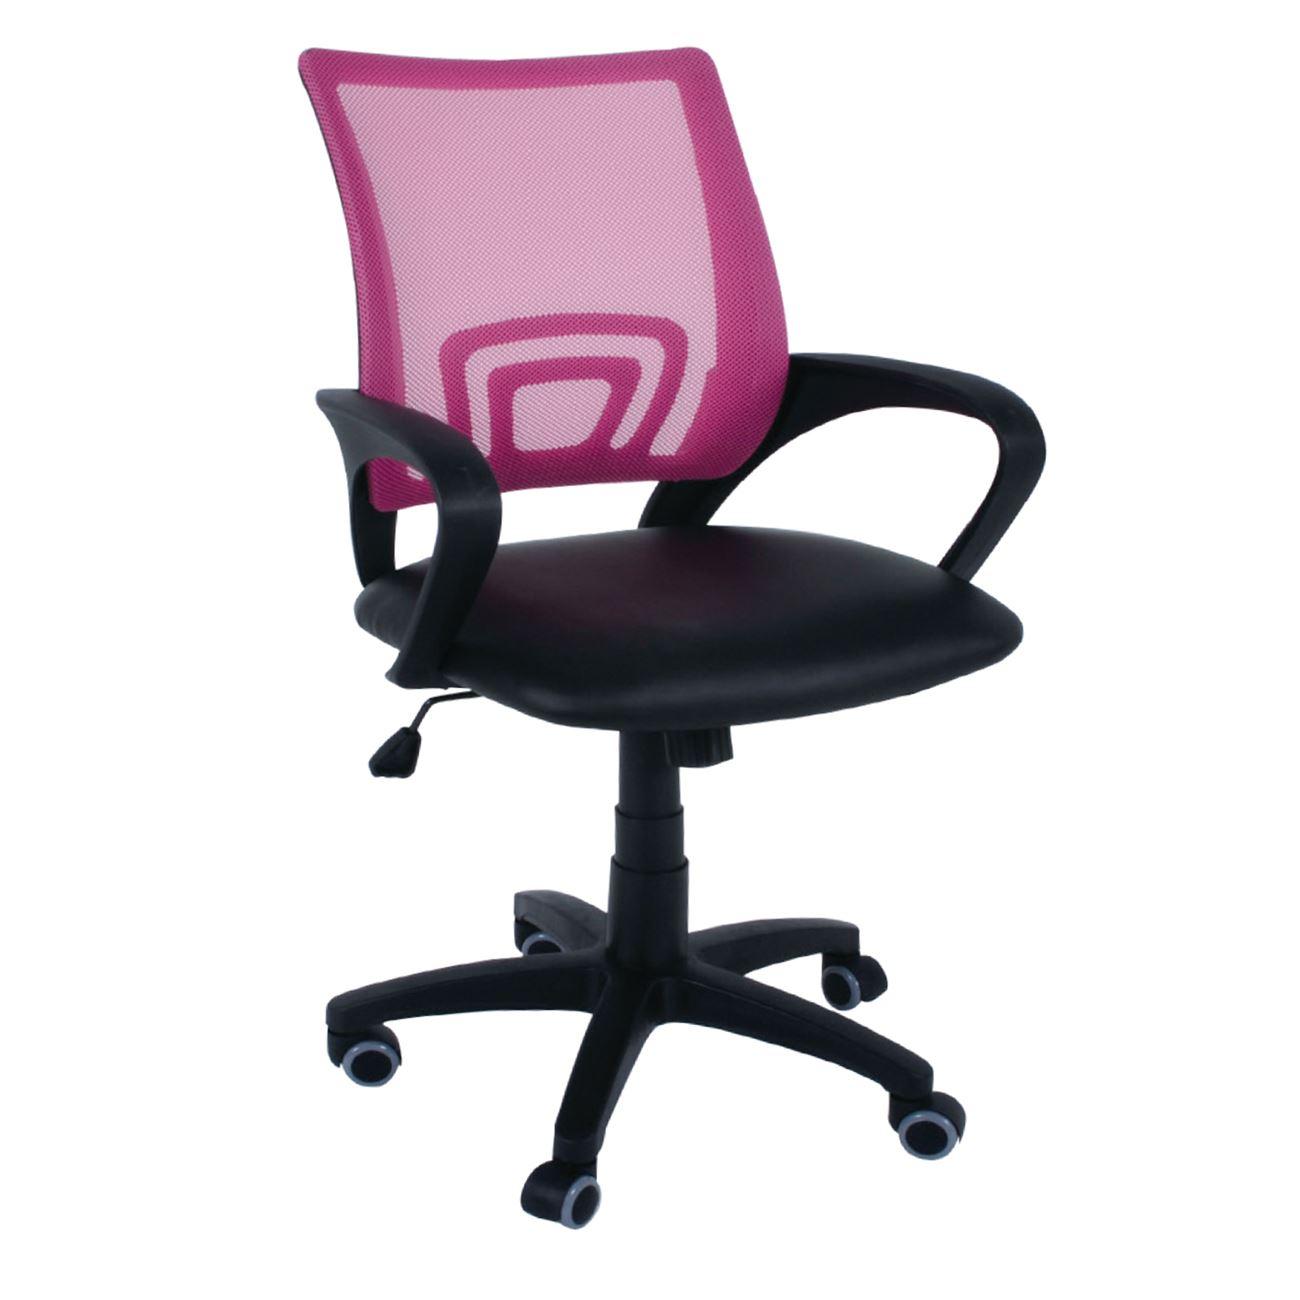 BF2101 Πολυθρόνα Ροζ MeshΜαύρο Pu